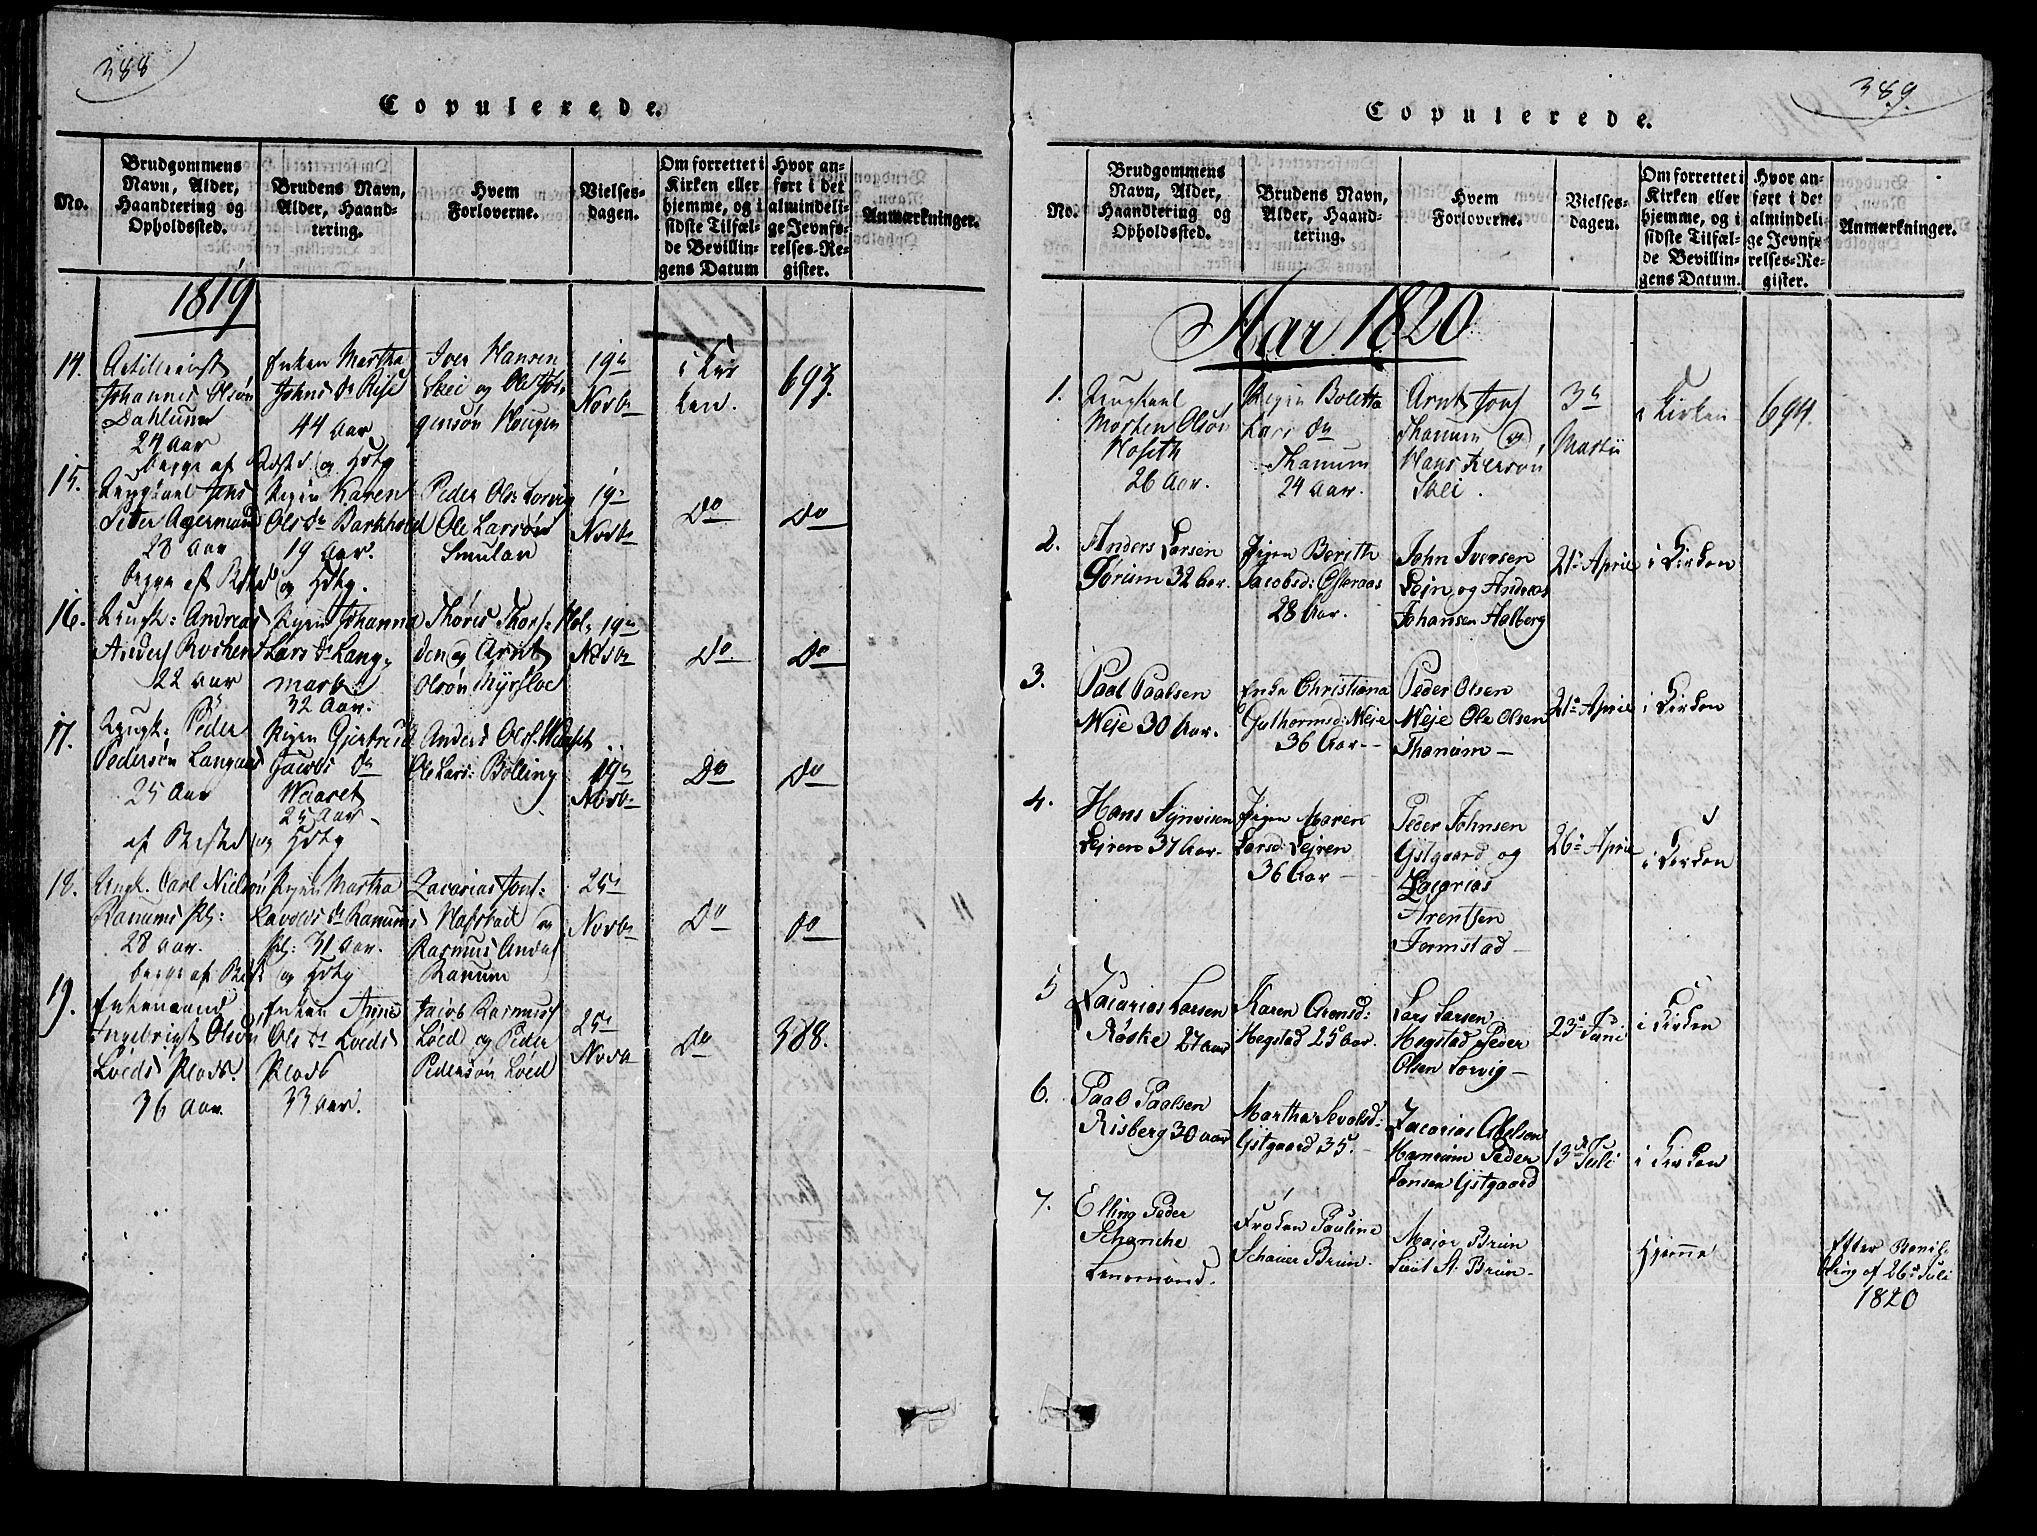 SAT, Ministerialprotokoller, klokkerbøker og fødselsregistre - Nord-Trøndelag, 735/L0333: Ministerialbok nr. 735A04 /1, 1816-1824, s. 388-389